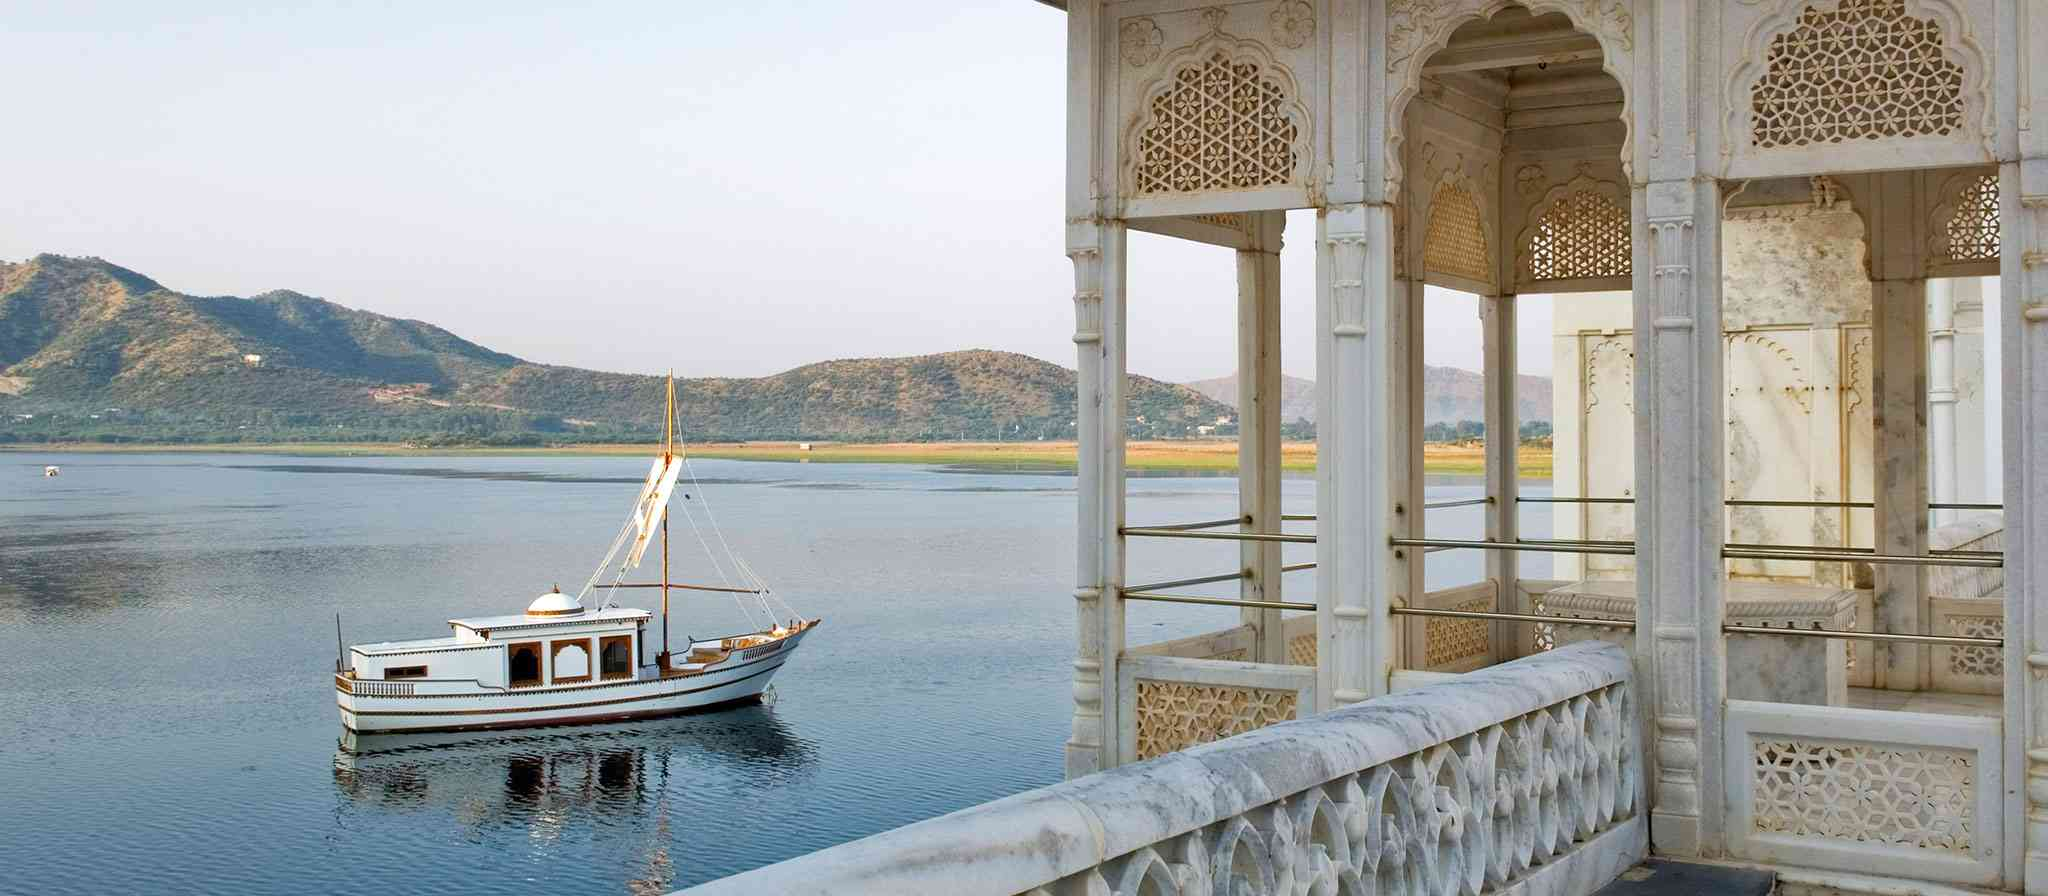 Jiva Boat Spa, Udaipur